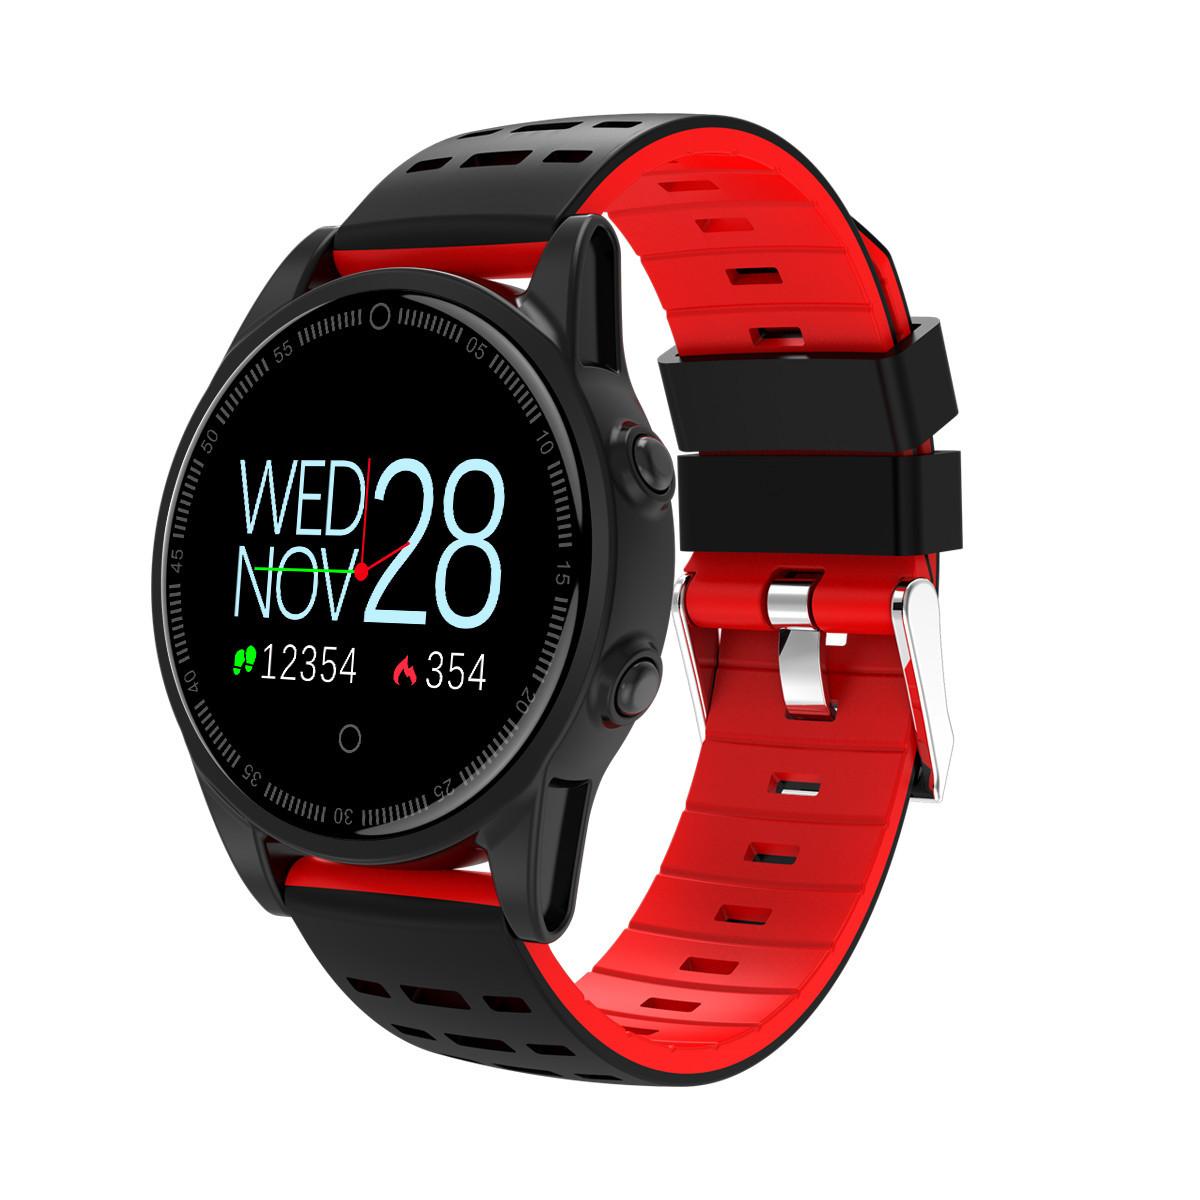 Показать умные часы с большими цифрами на циферблате браслет спорт